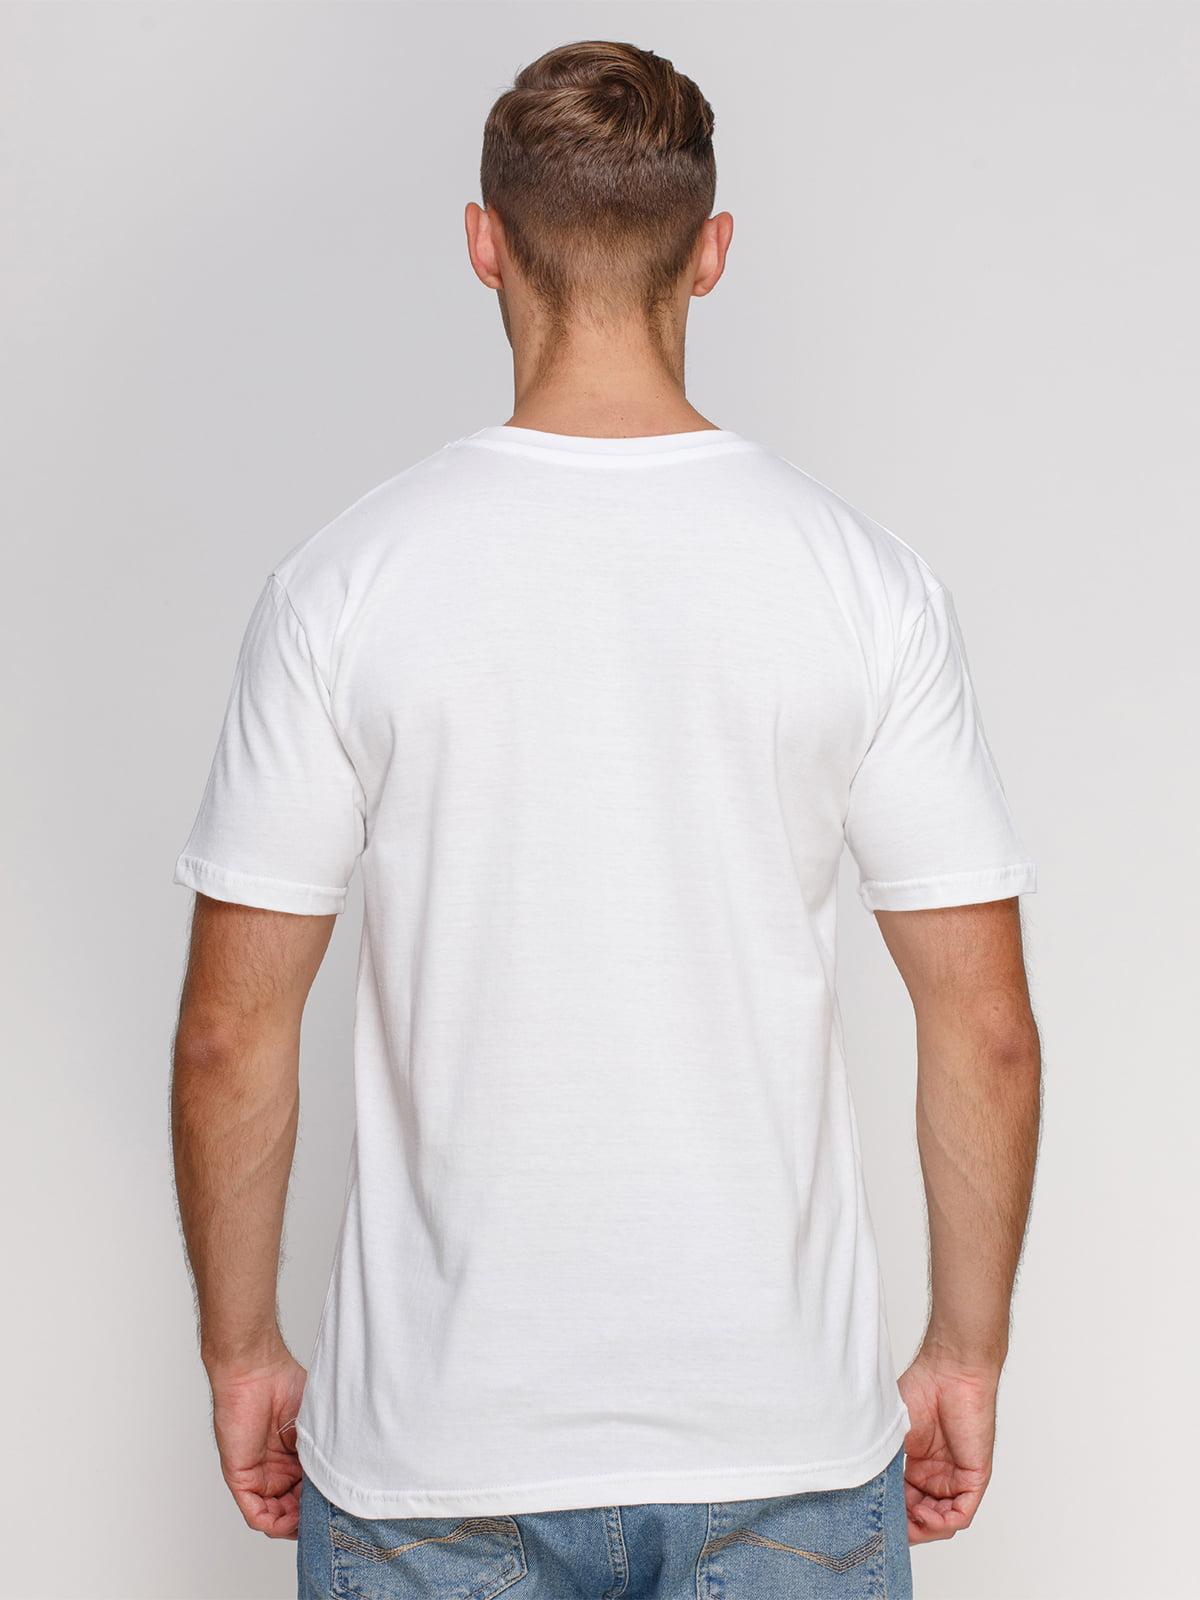 Футболка біла з принтом | 4577869 | фото 2